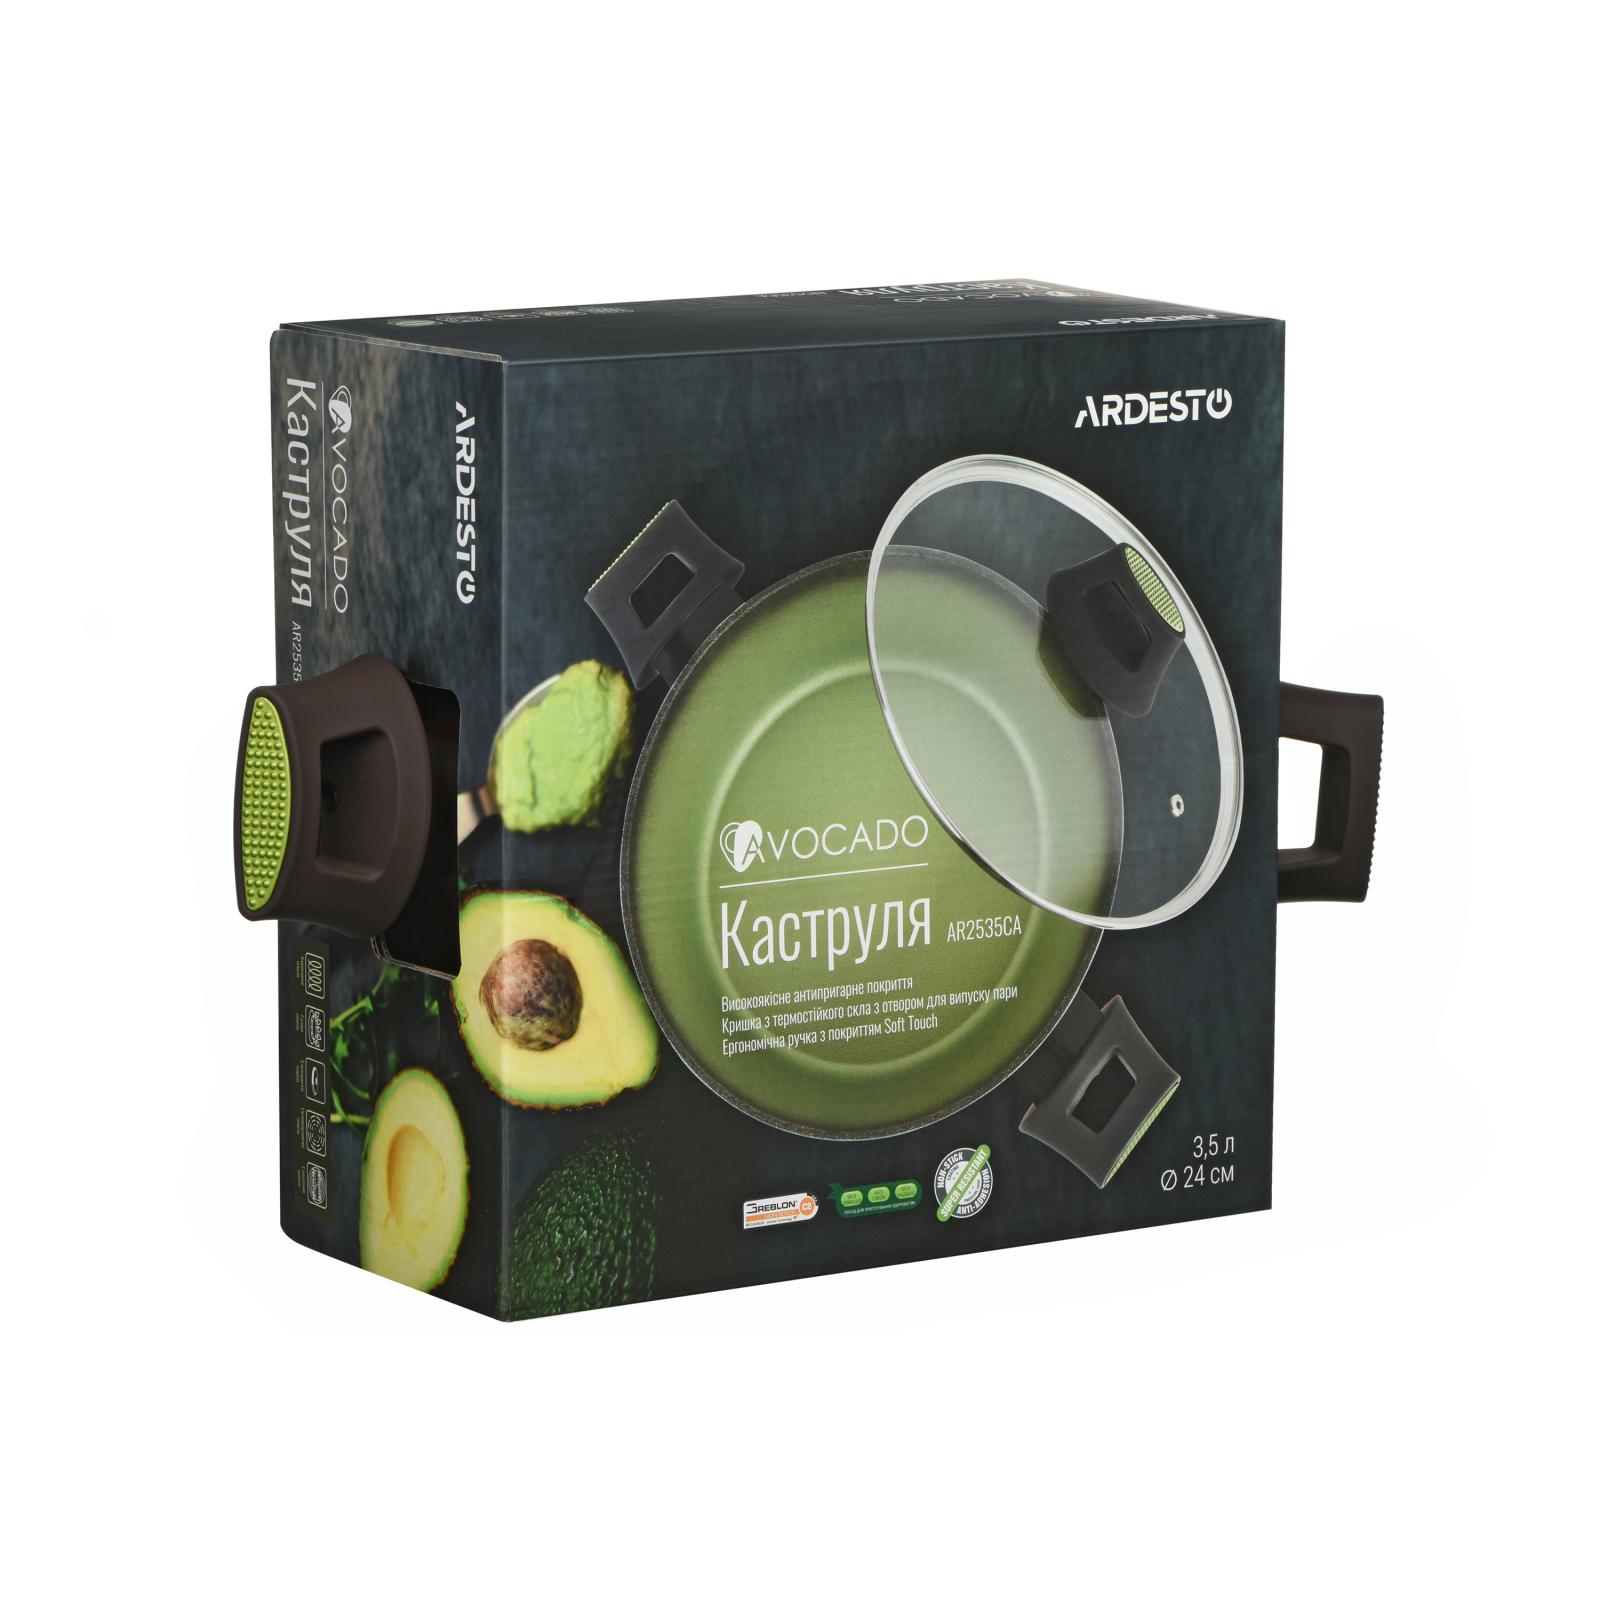 Кастрюля Ardesto Avocado с крышккой 3,5 л (AR2535CA) изображение 7